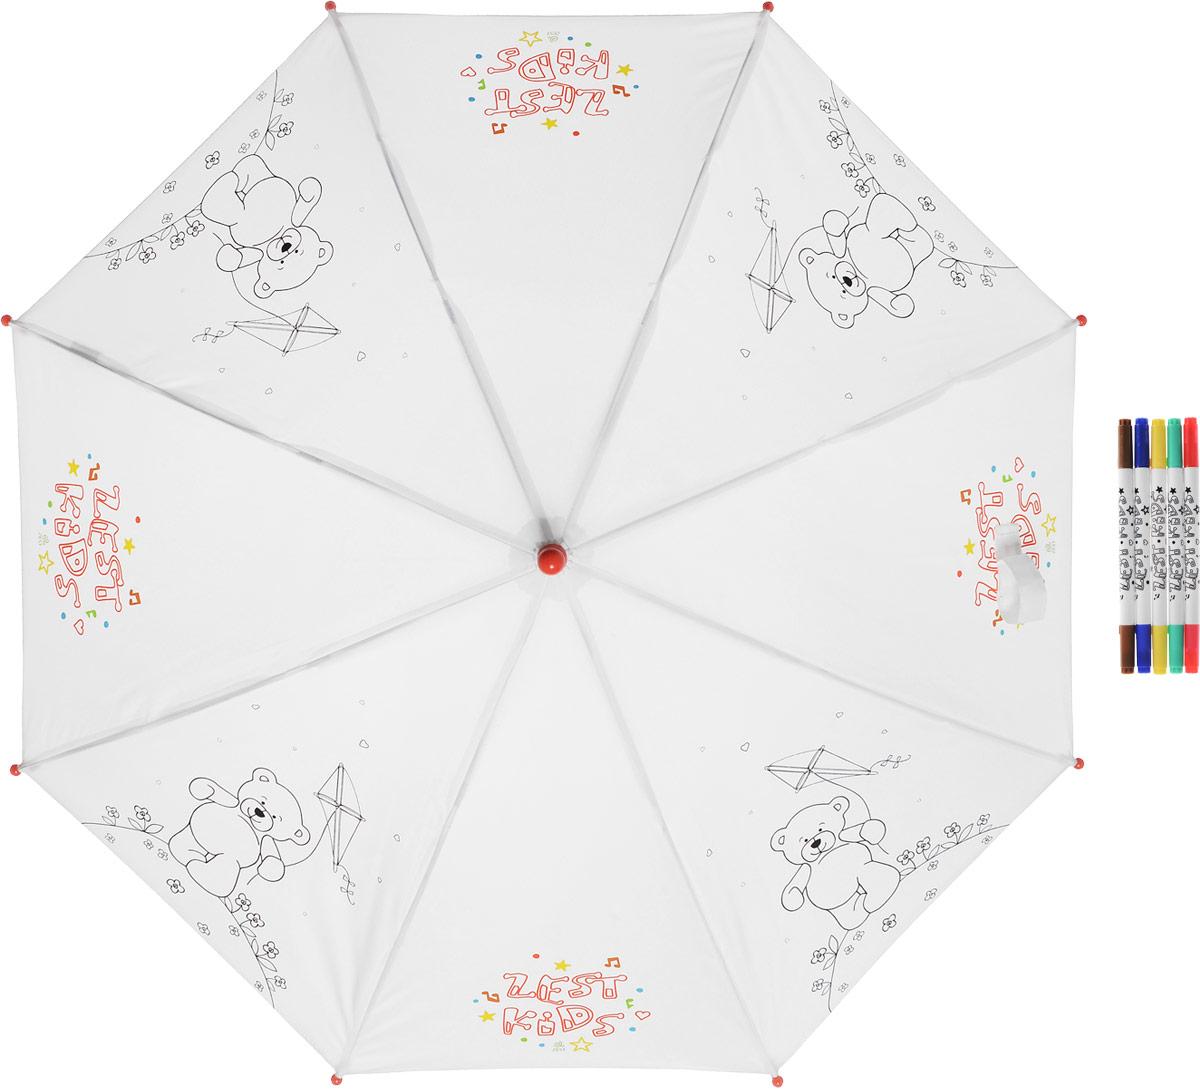 Зонт-трость детский Zest механический, цвет: белый. 21581-254Колье (короткие одноярусные бусы)Детский зонт-трость для раскрашивания Zest выполнен из металла и пластика, оформлен силуэтами картинок. Картинки малыш сможет раскрасить самостоятельно фломастерами, входящими в комплект.Каркас зонта выполнен из восьми спиц, стержень из стали. На концах спиц предусмотрены пластиковые элементы, которые защитят малыша от травм. Купол зонта изготовлен прочного полиэстера. Закрытый купол застегивается на липучку хлястиком. Практичная глянцевая рукоятка закругленной формы разработана с учетом требований эргономики и выполнена из пластика.